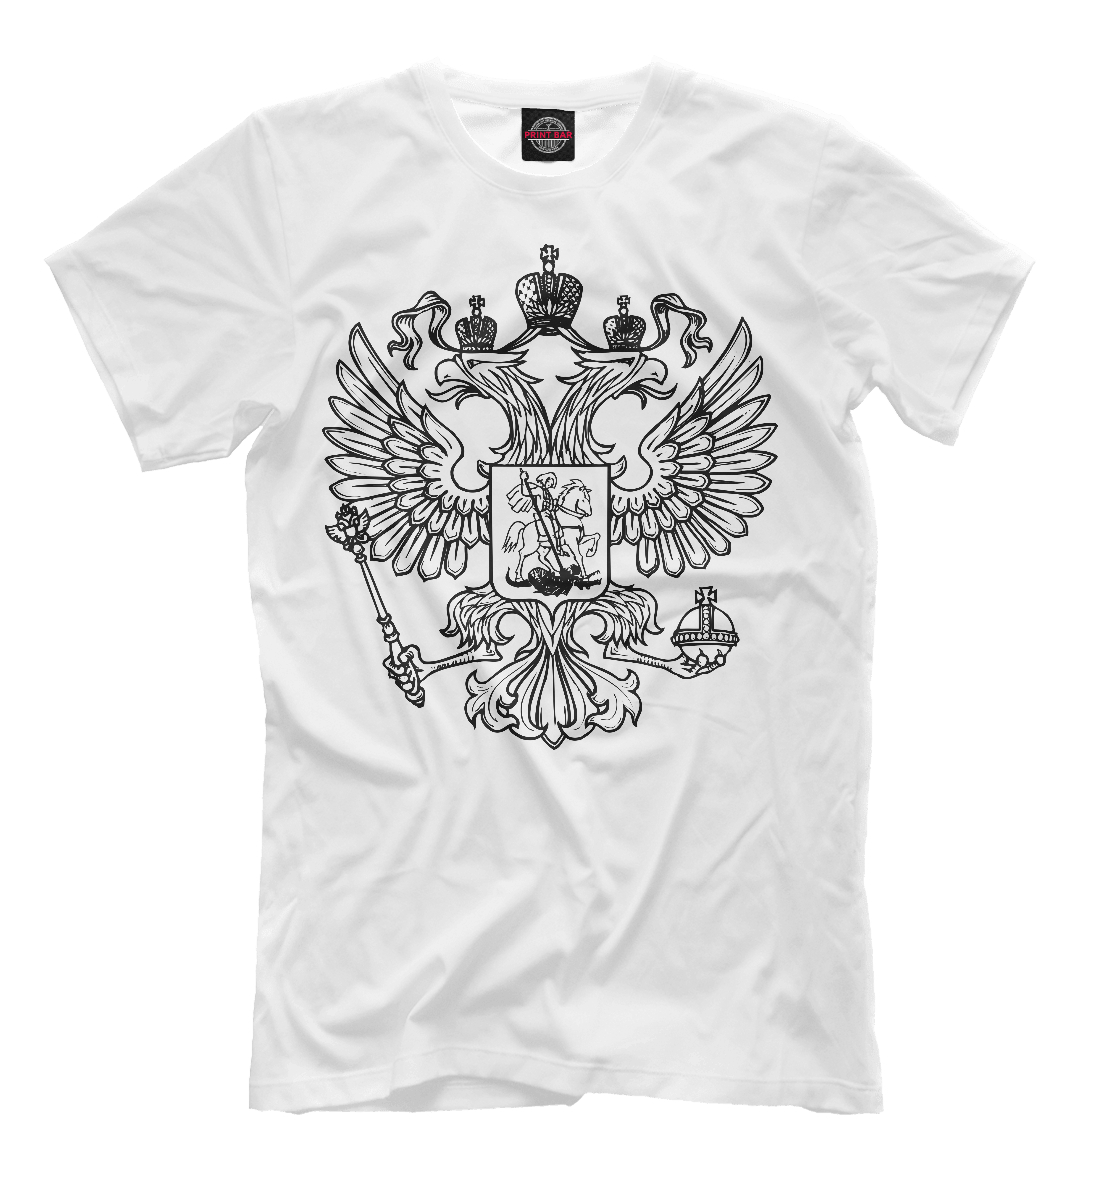 Купить Герб Российской Федерации (одноцветный), Printbar, Футболки, SRF-680904-fut-2